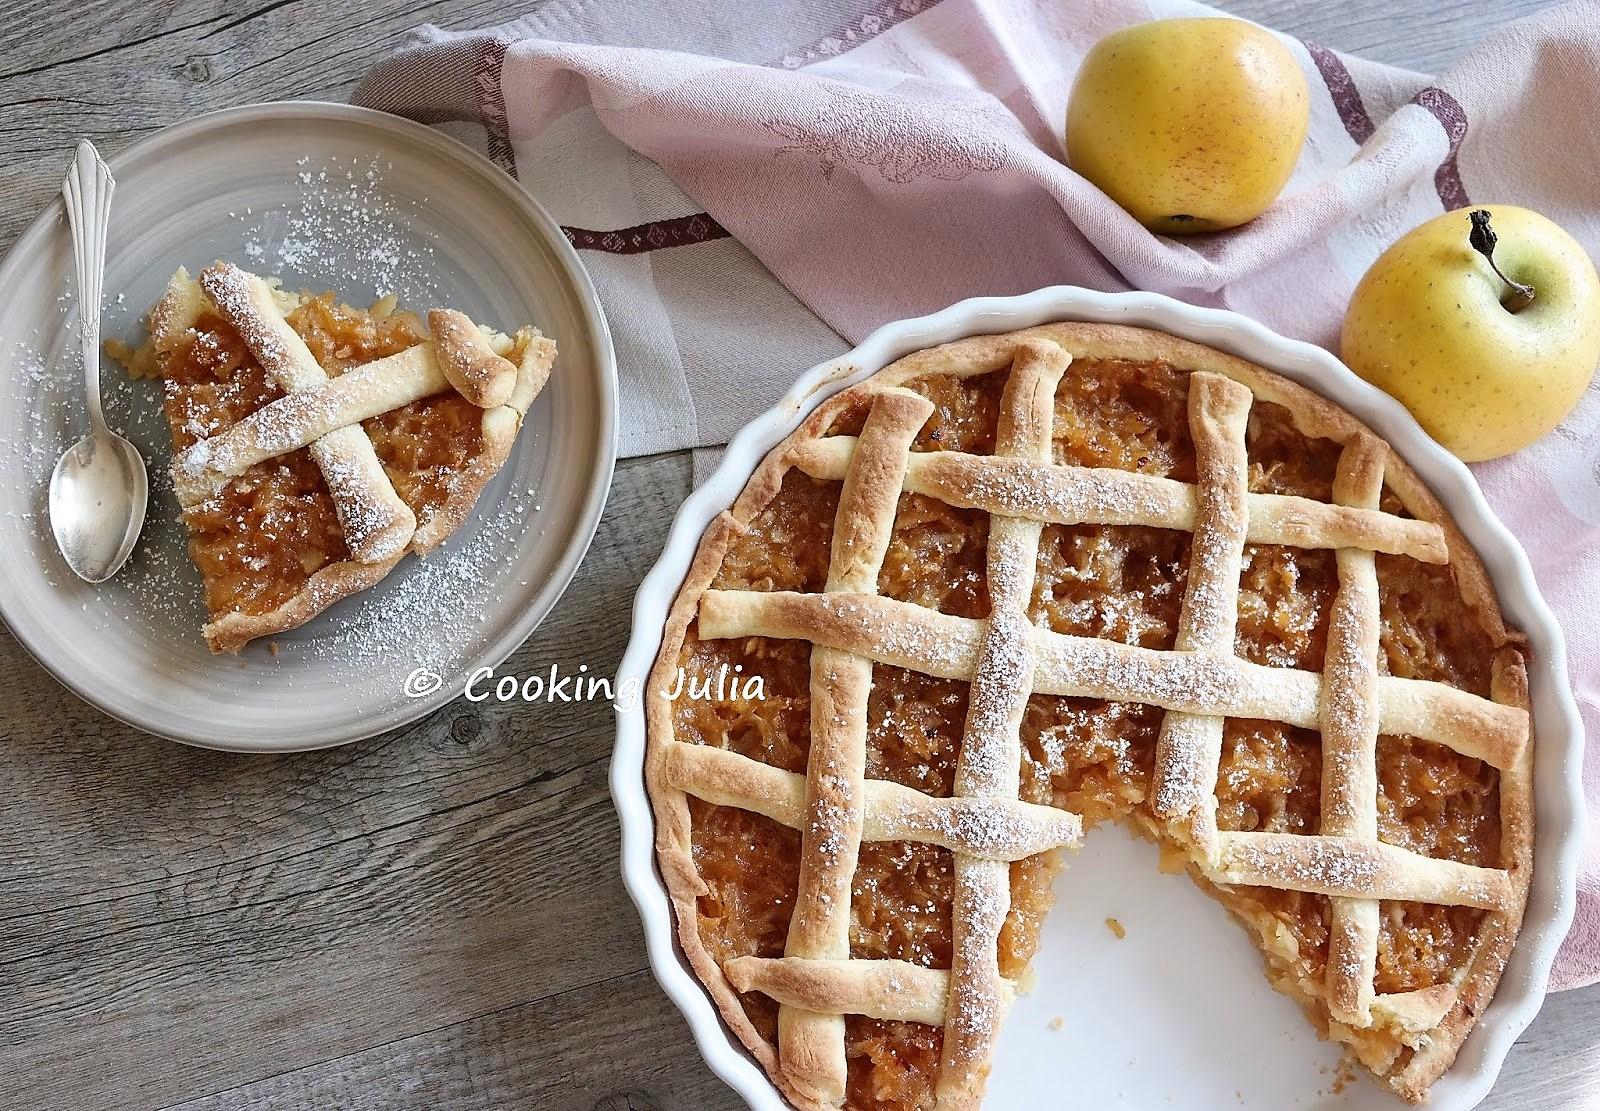 Cooking julia le meilleur de f vrier et mise jour des - Recette de cuisine tele matin france2 ...